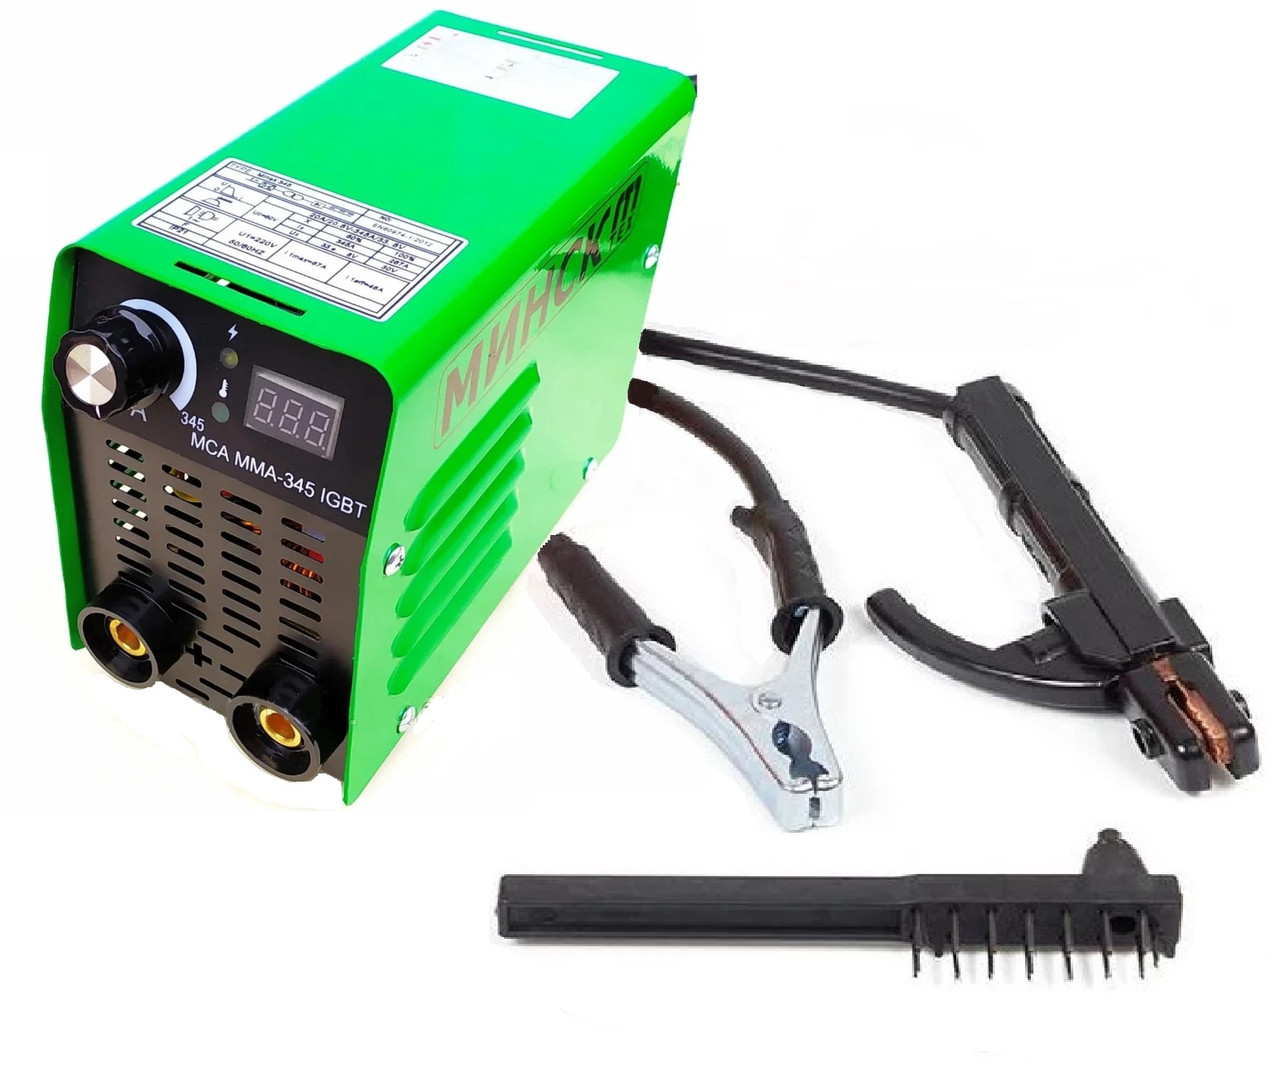 Зварювальний апарат інверторний Мінськ ММА-345 IGBT (Дисплей, 345 Ампер)